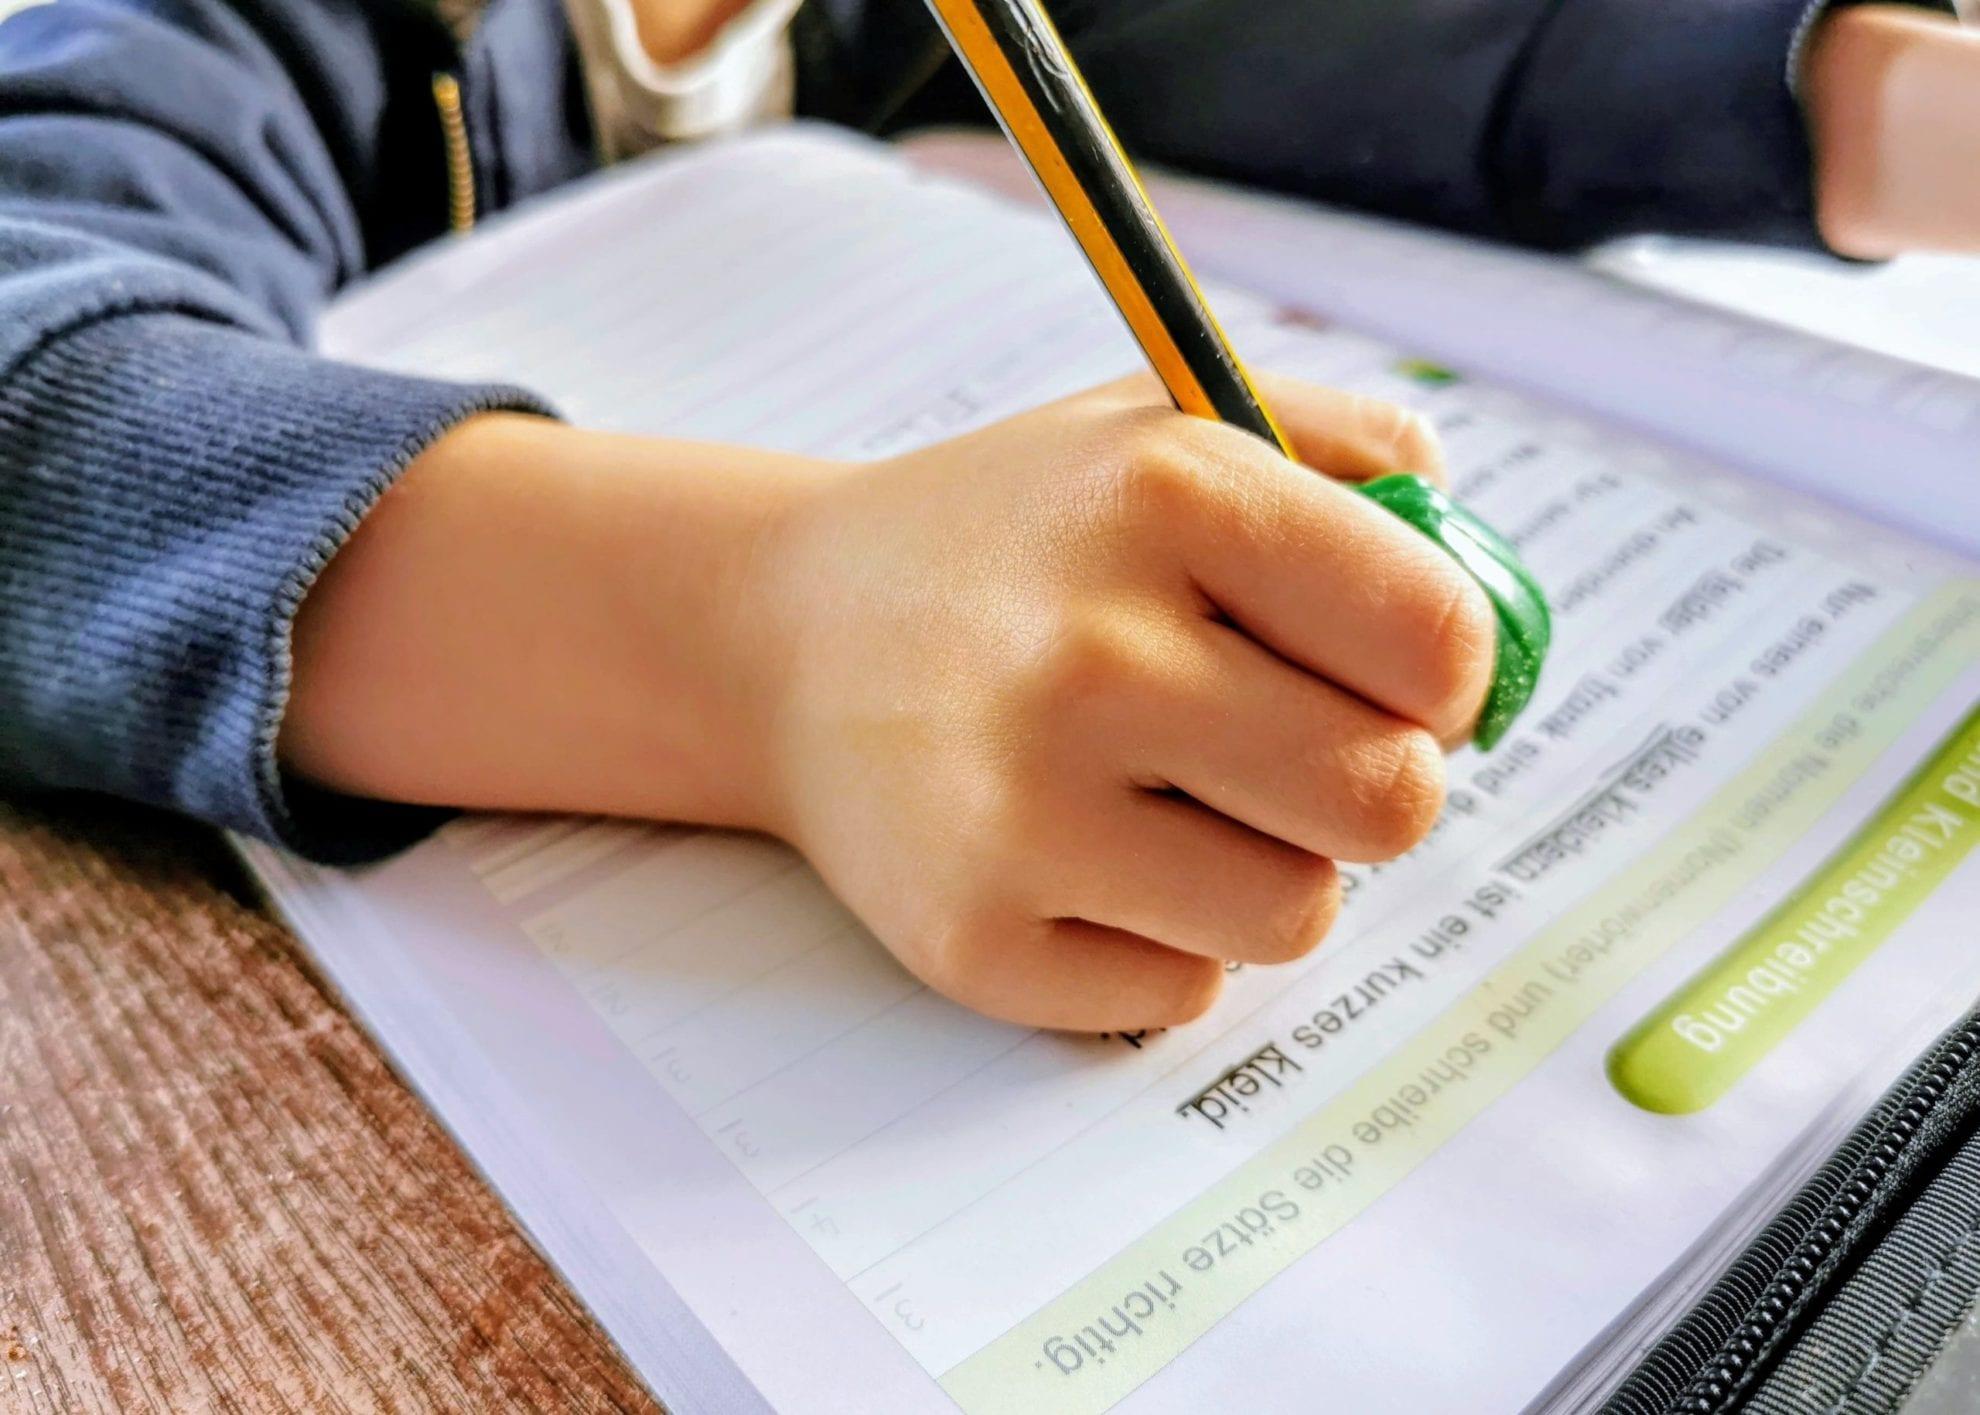 Hausaufgaben in der Großfamilie: Ein Einblick in unseren Alltag beim Erledigen der Schularbeiten mit einer Prise Humor auf Puddingklecks